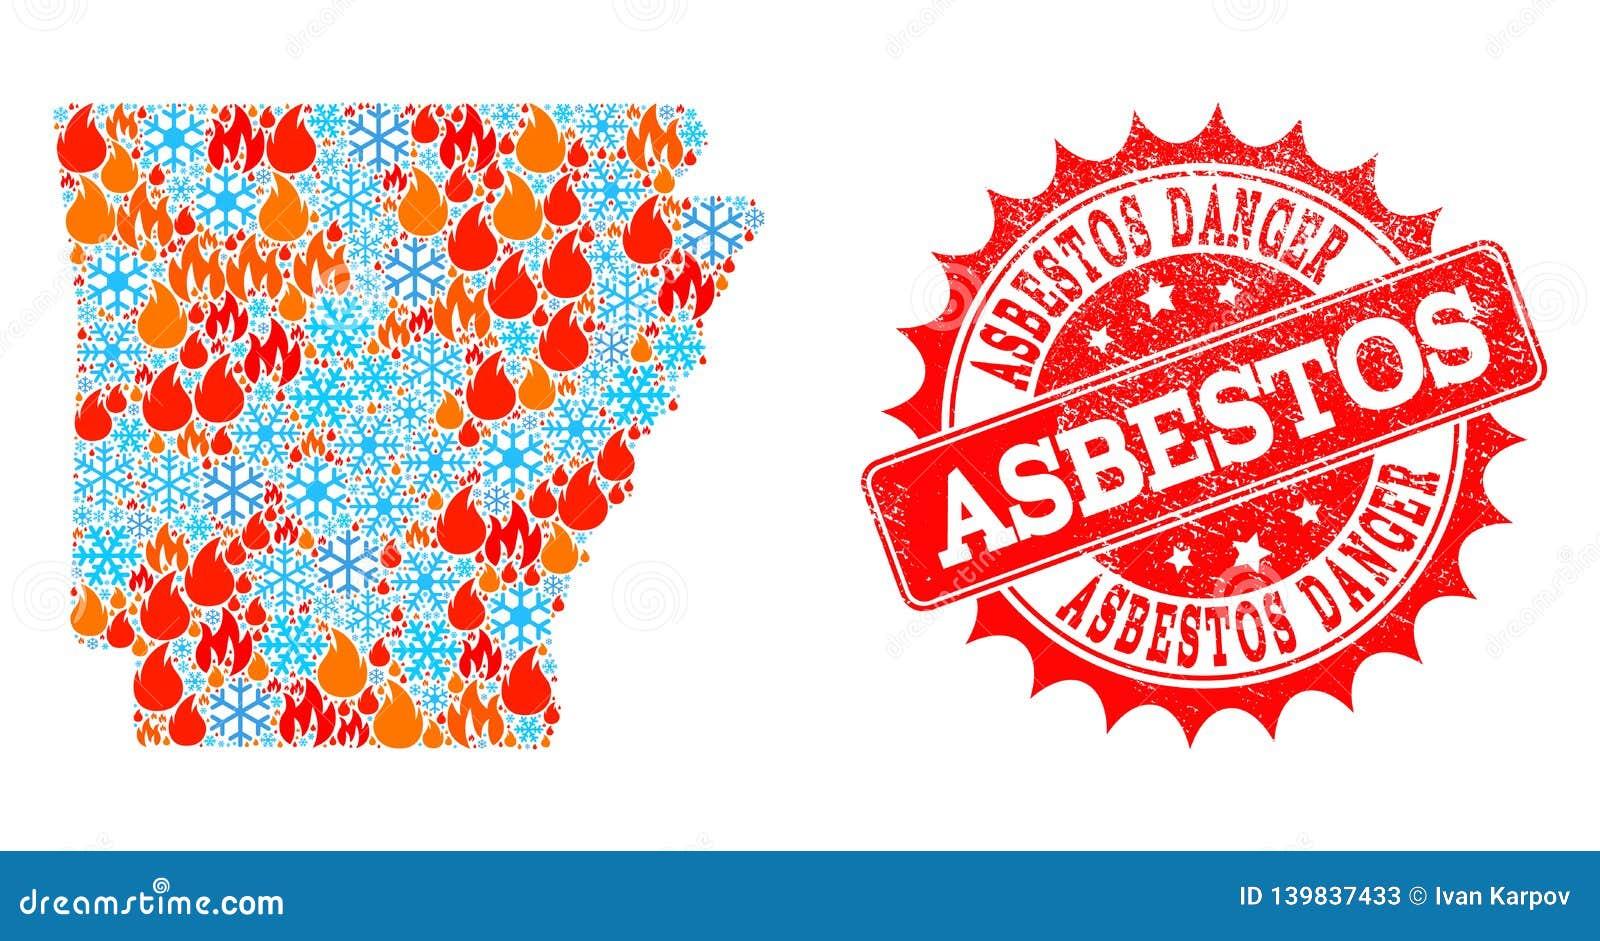 火和雪和石棉危险困厄邮票阿肯色州军用镶嵌地图